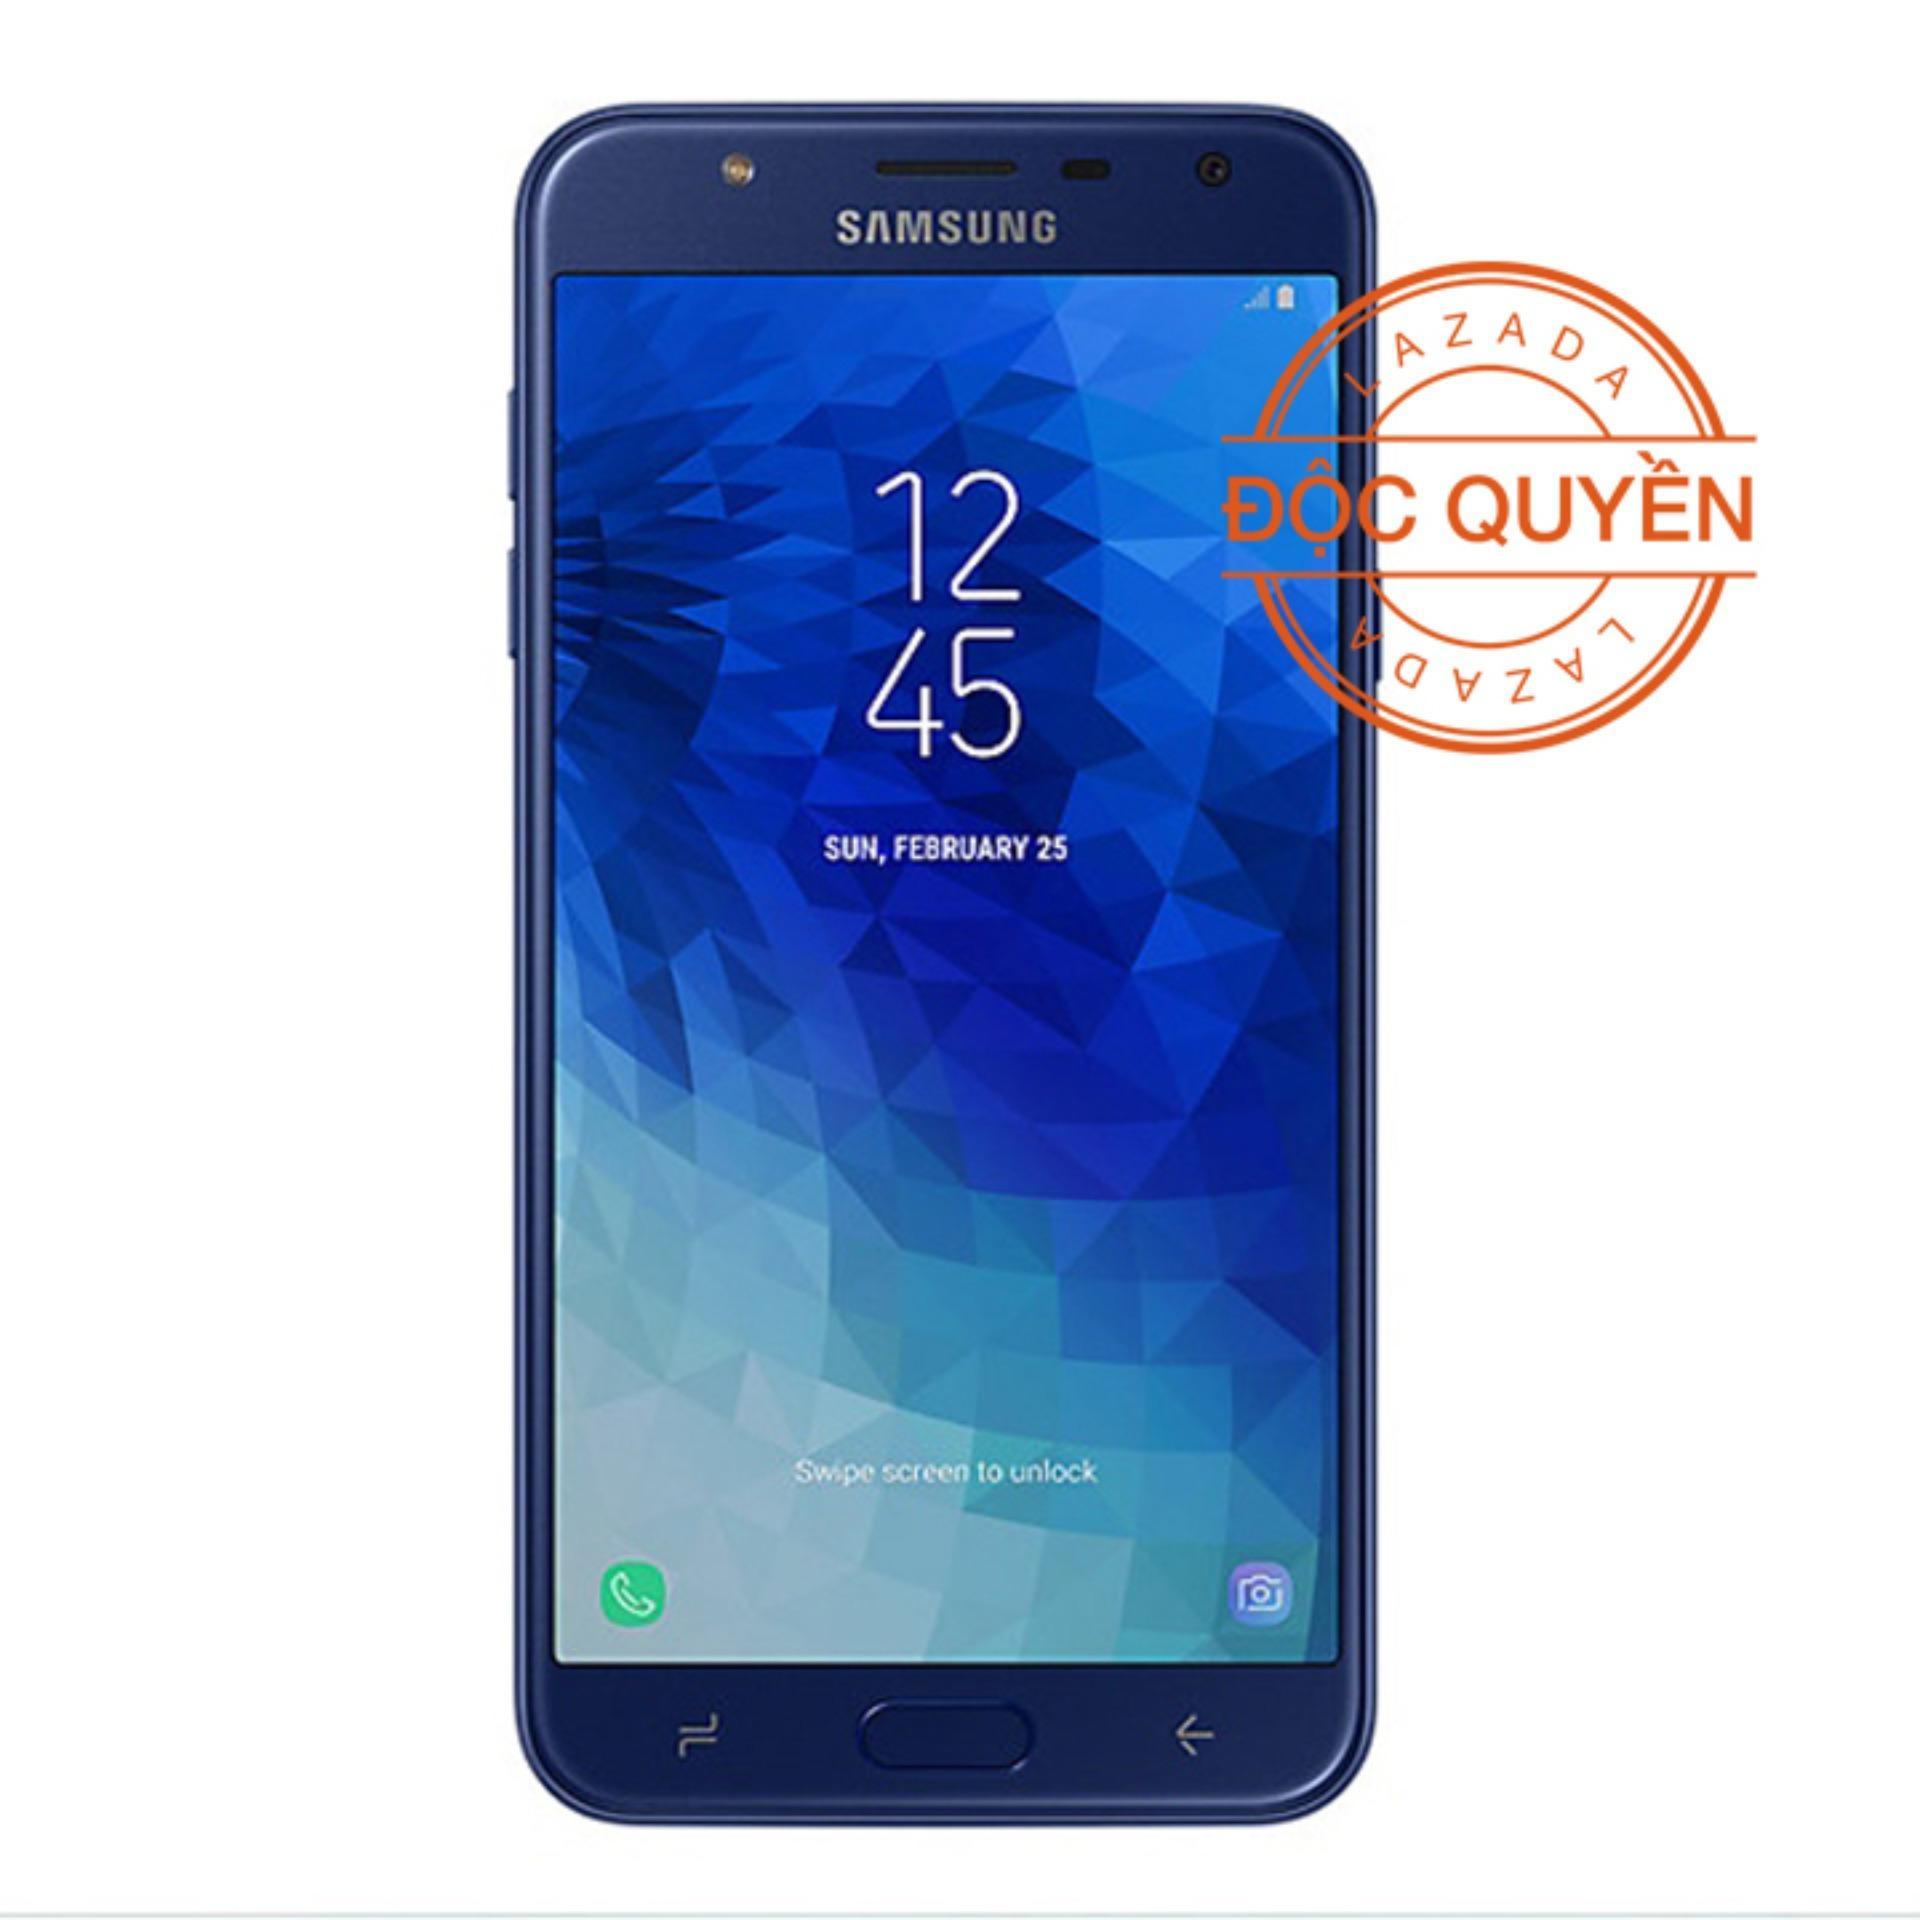 Hình ảnh Điện thoại Samsung Galaxy J7 Duo 32GB - Hãng phân phối chính thức